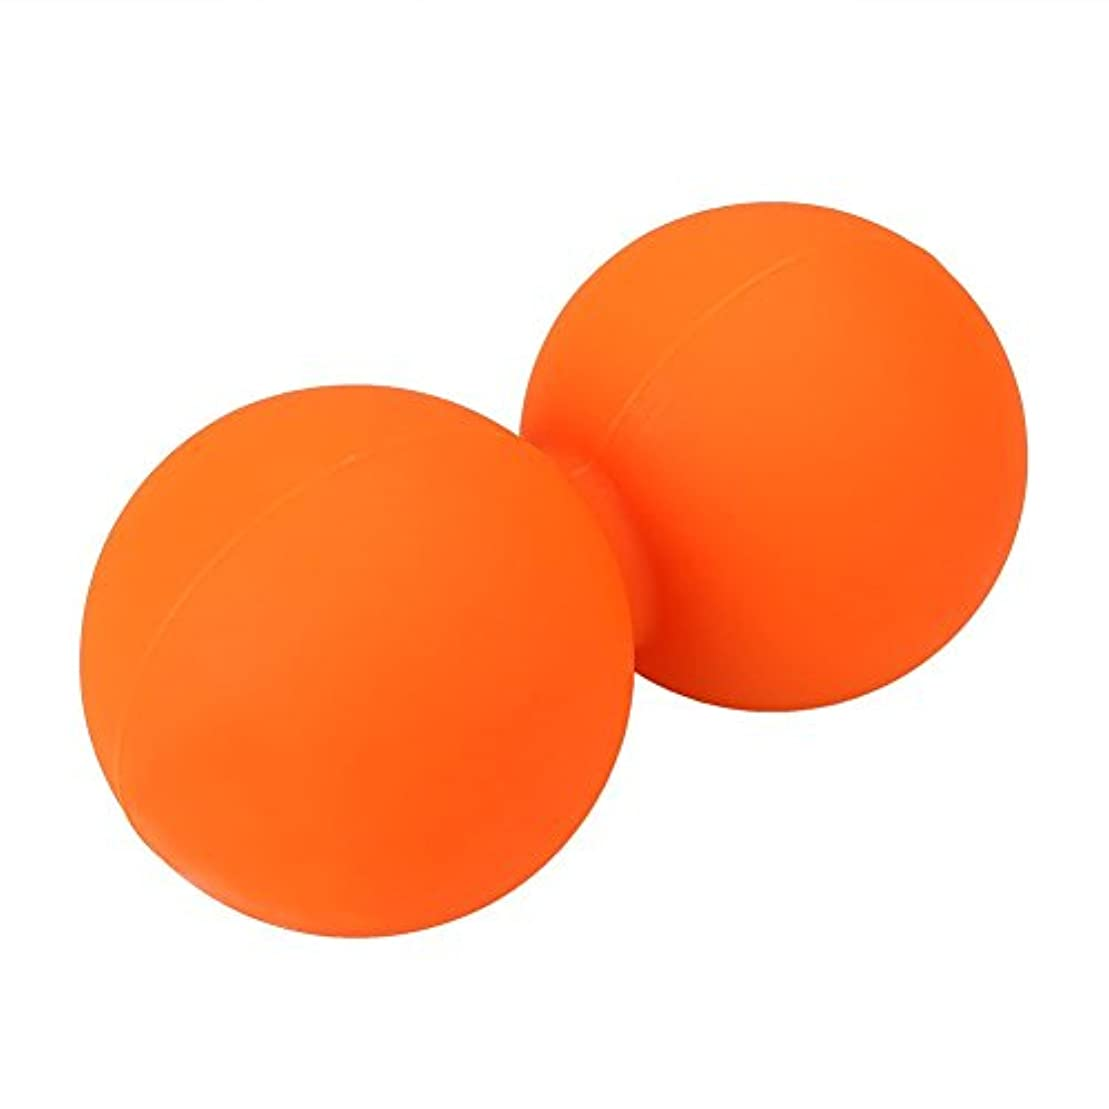 attachmenttou スパイクマッサージボールダブルラクロス 筋筋膜トリガーリリースピーナッツ マッサージクロスボール 運動